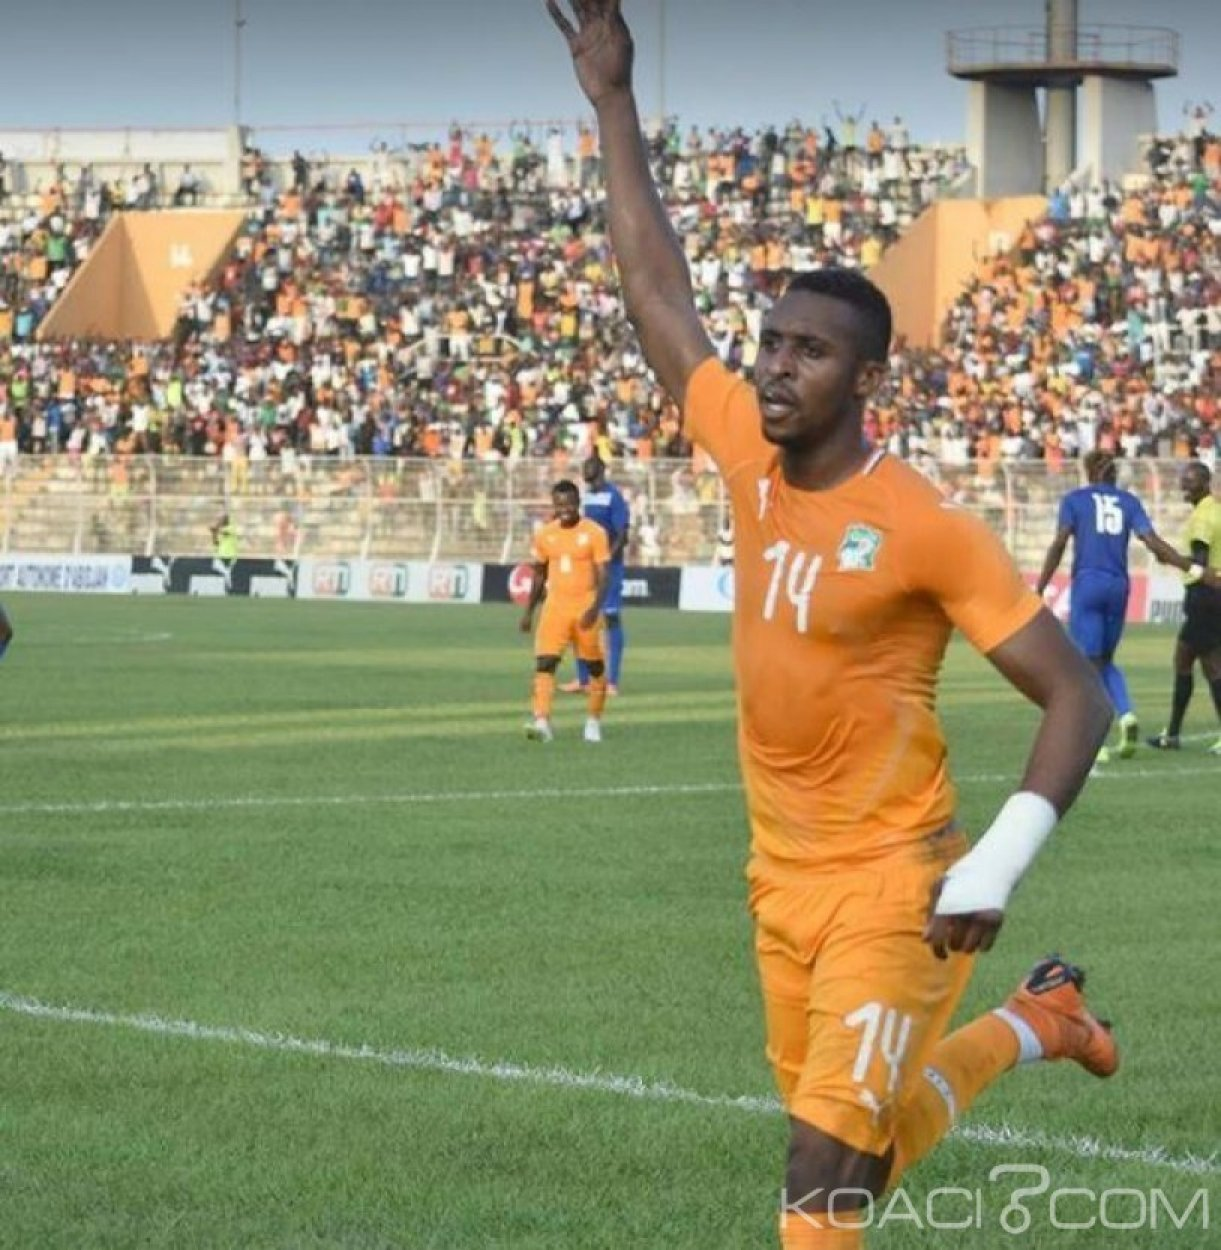 Côte d'Ivoire : CAN 2019,  pour son premier match au Felicia, Kodja veut  démontrer aussi au public abidjanais qu'il a  des qualités